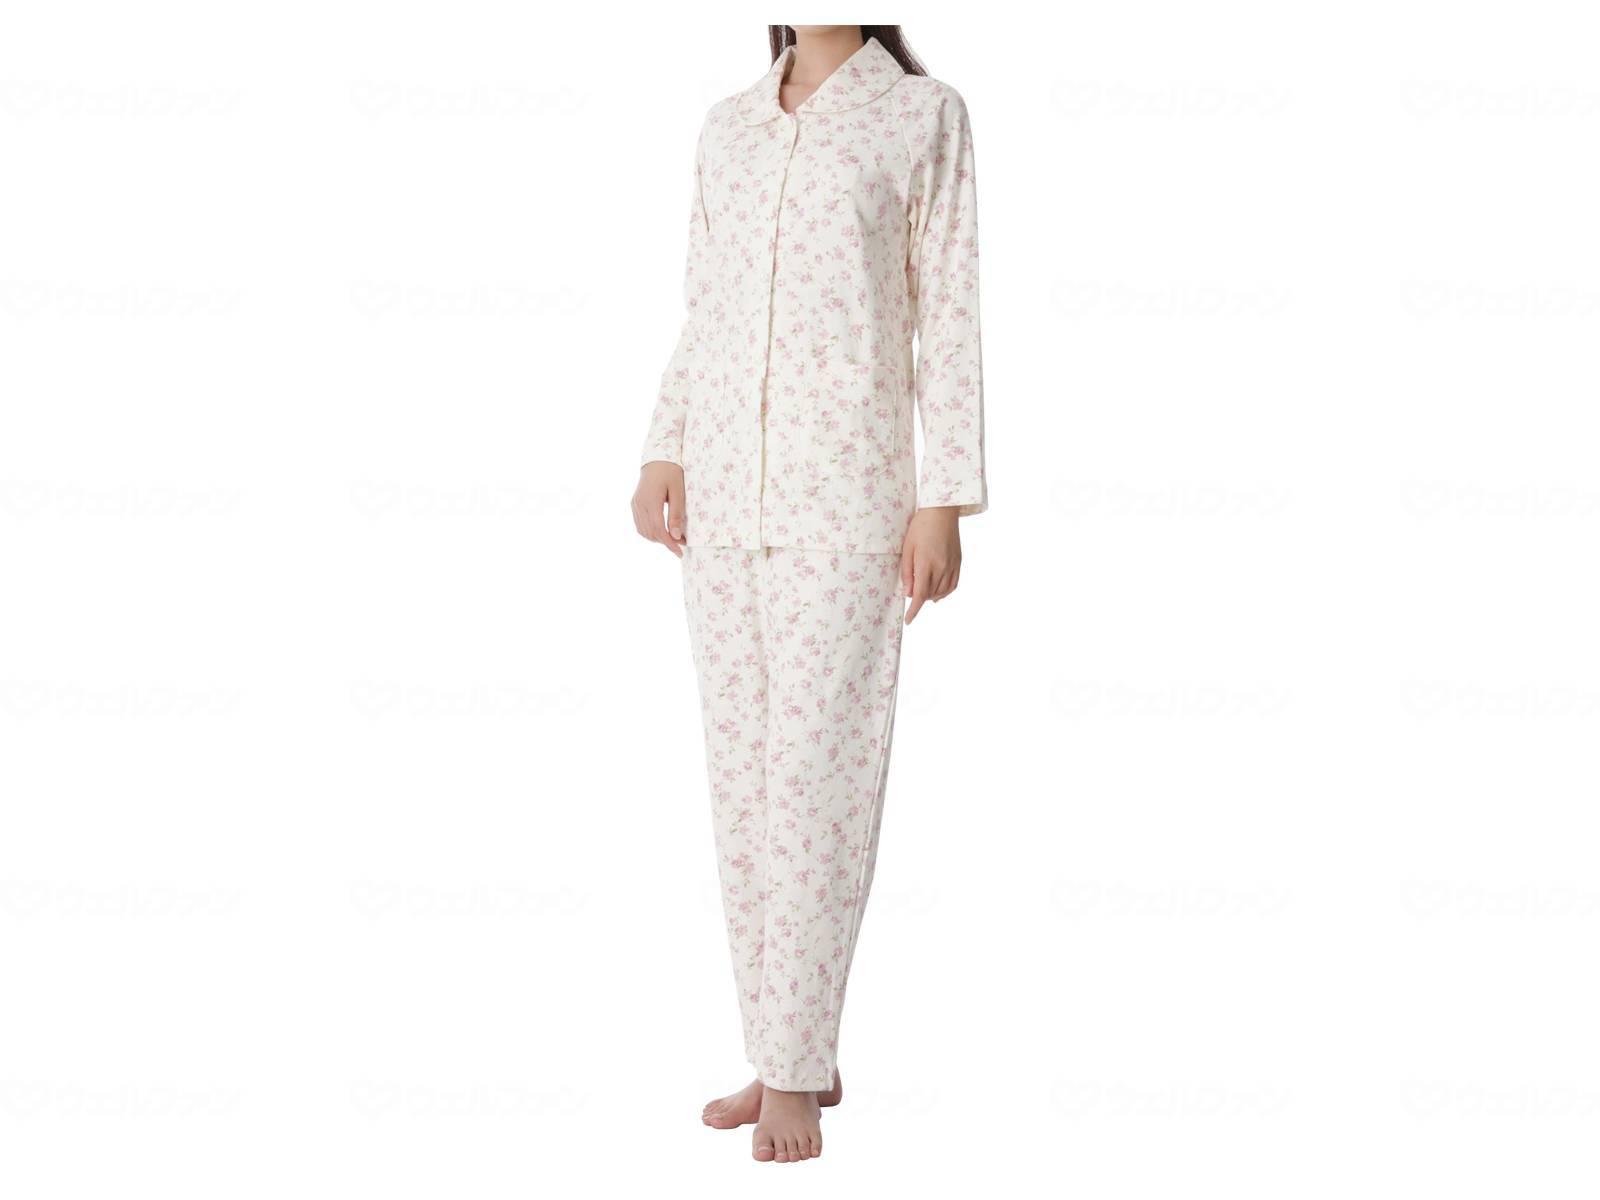 婦人楽らくパジャマ 花柄の画像